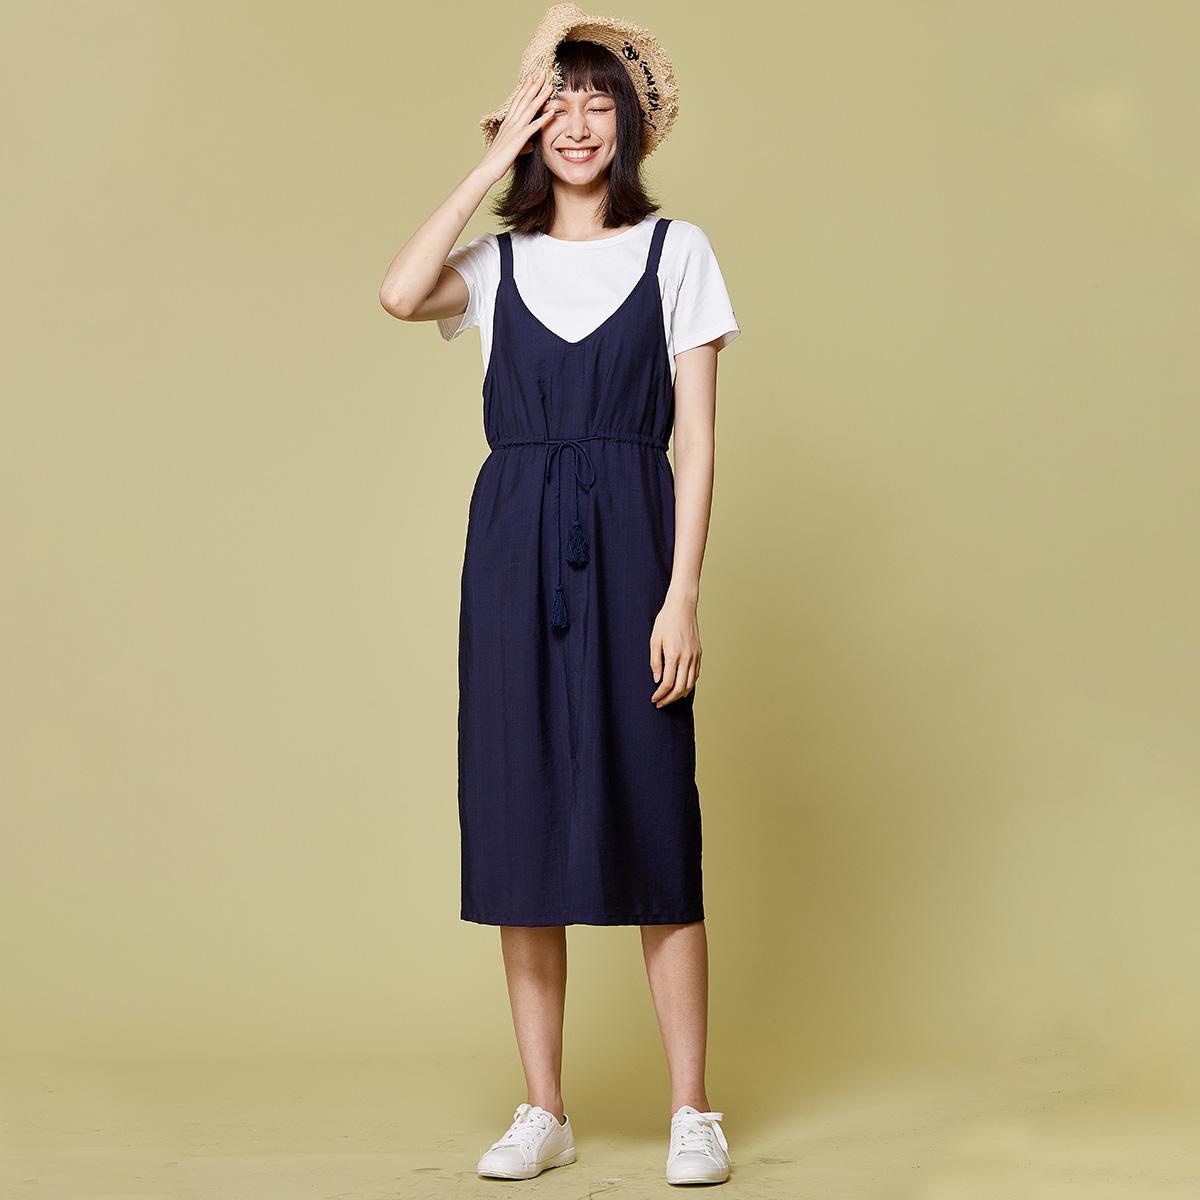 费依 减龄学院风连衣裙两件套女 2019春季新款短袖T恤背心裙套装